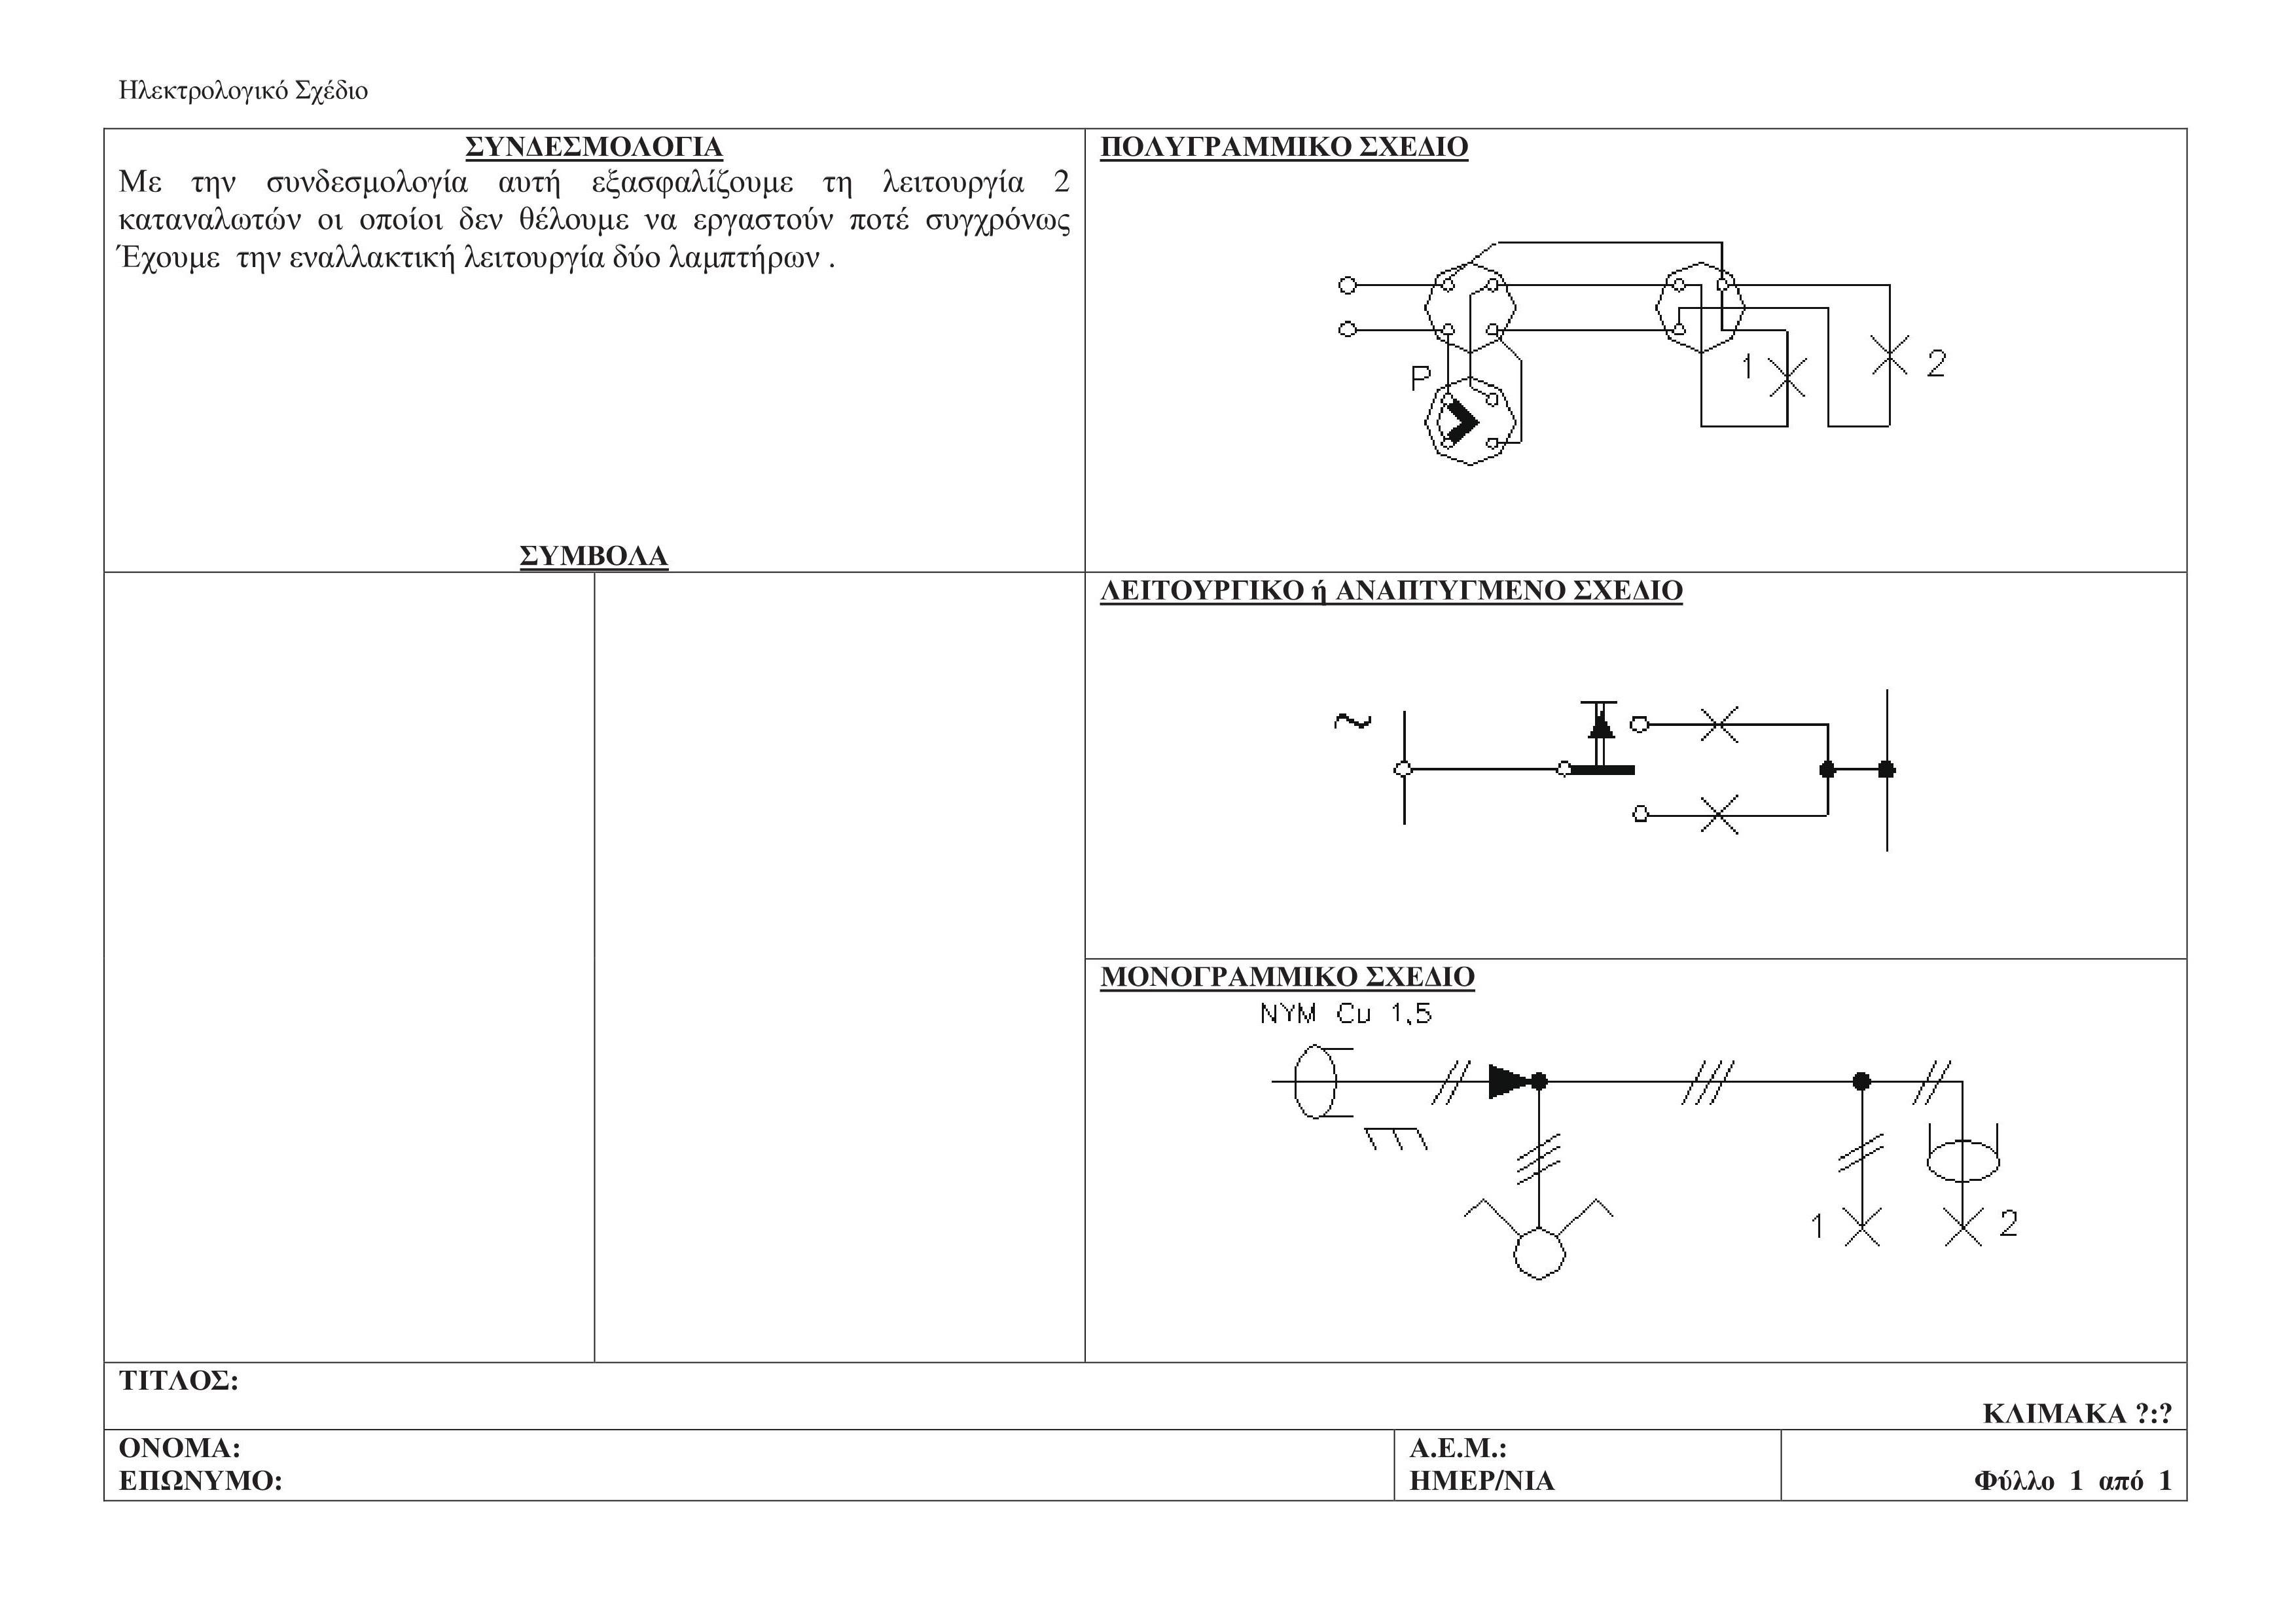 Ηλεκτρολογικό Σχέδιο 2